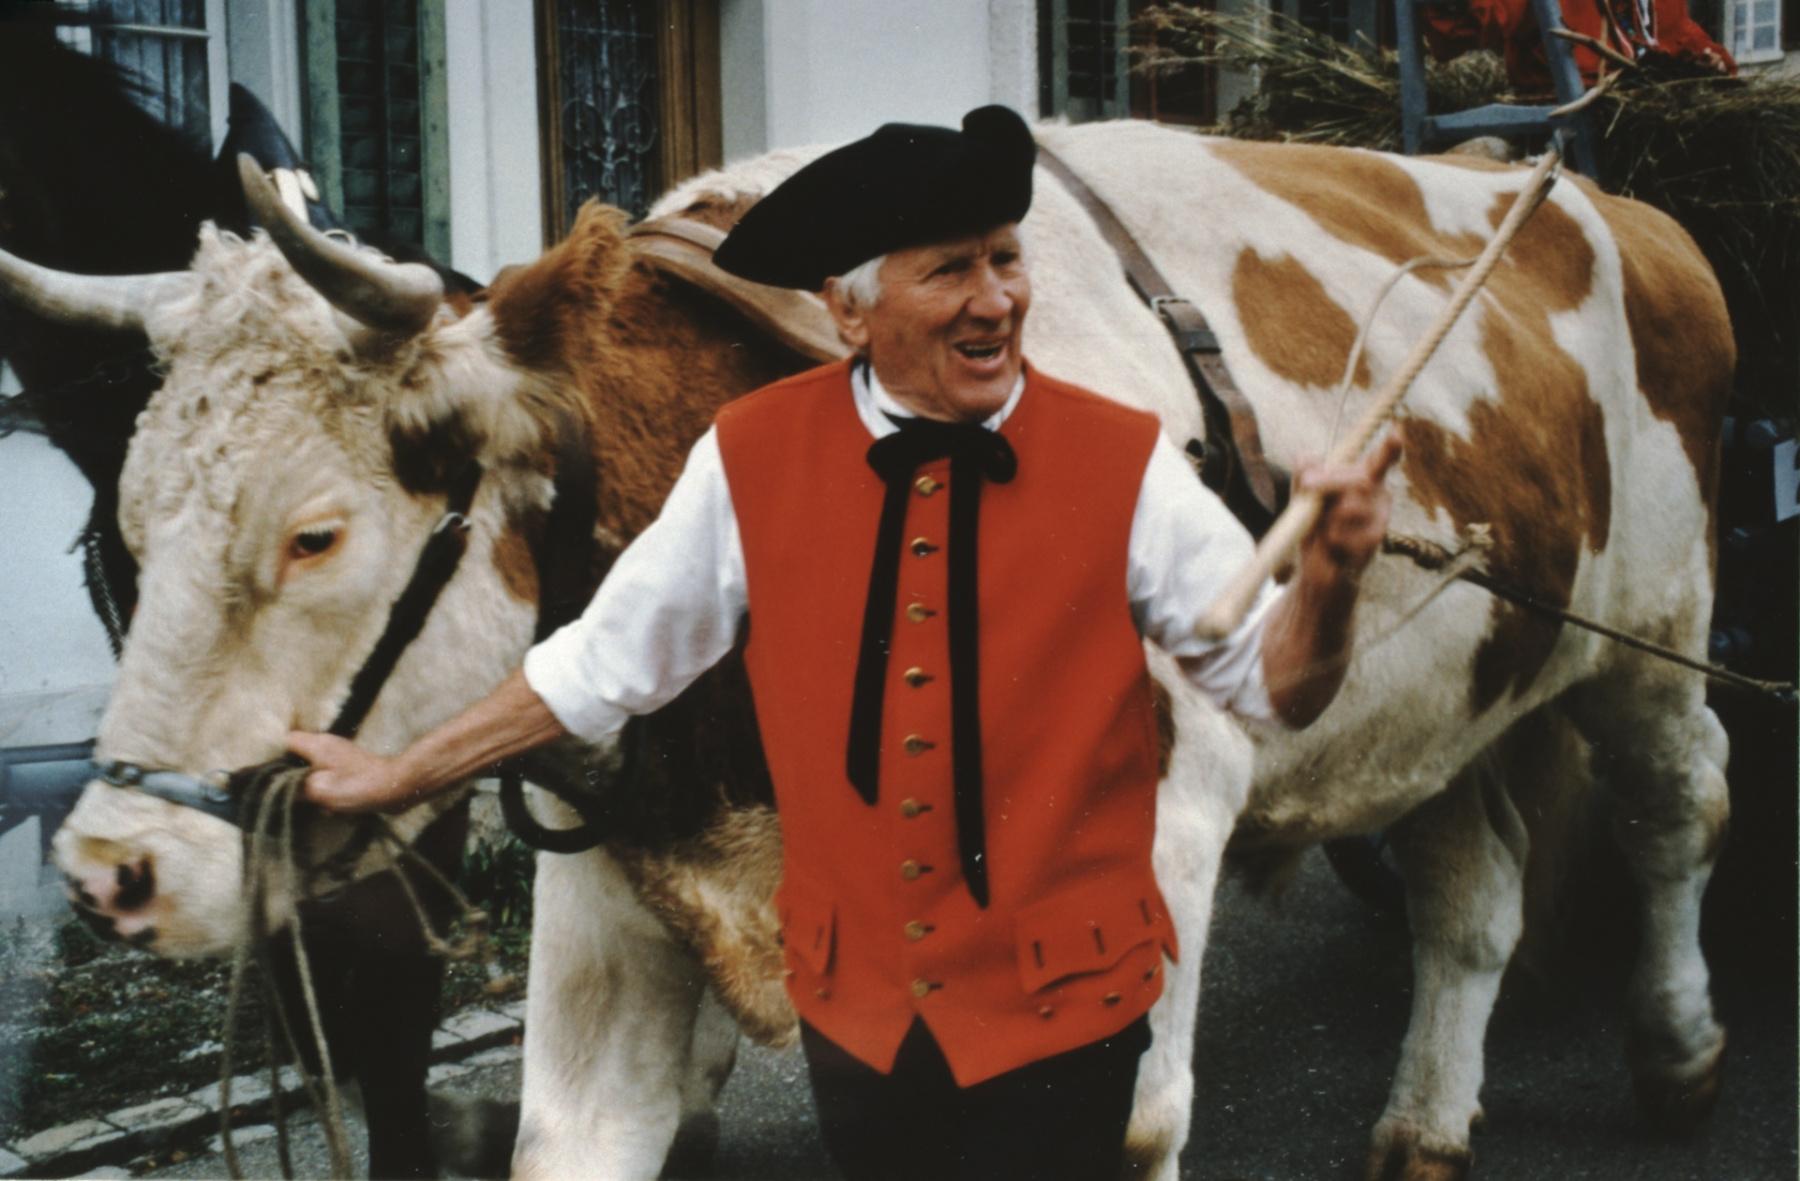 Jubiläumsumzug 100 Jahre Viehzuchtgenossenschaft, Ochsenwagen